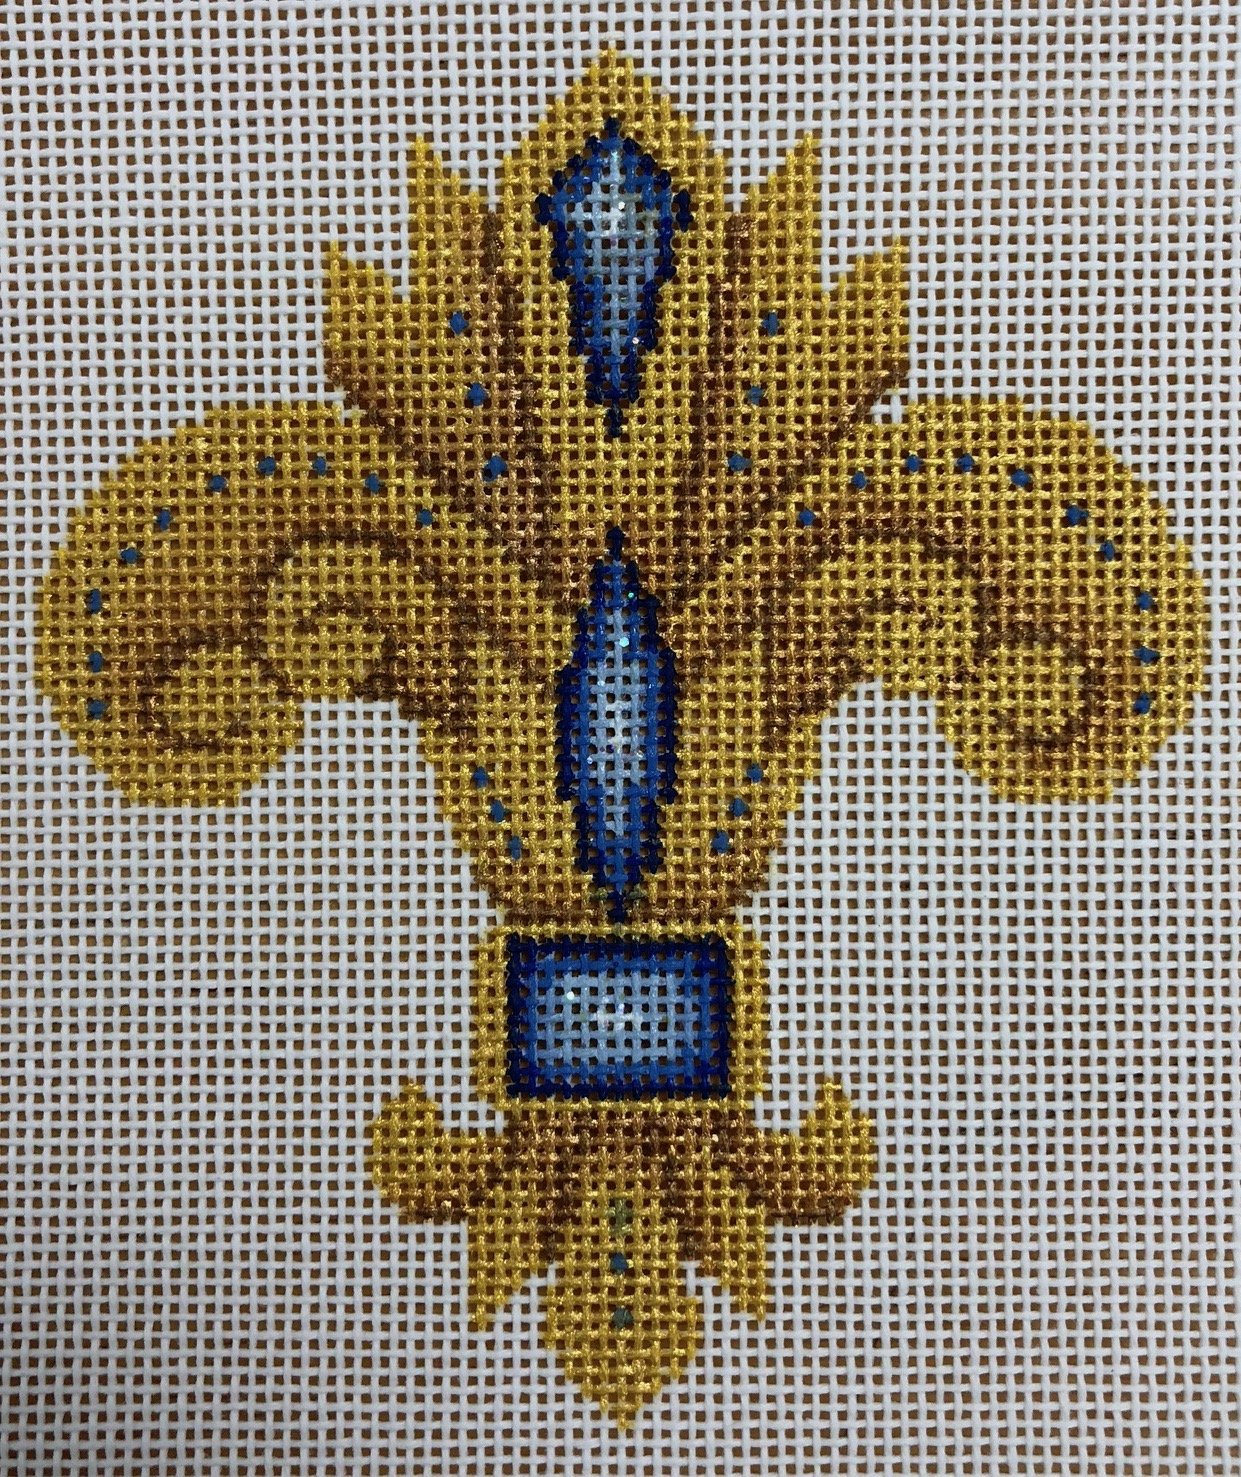 fleur de lis, gold & blue